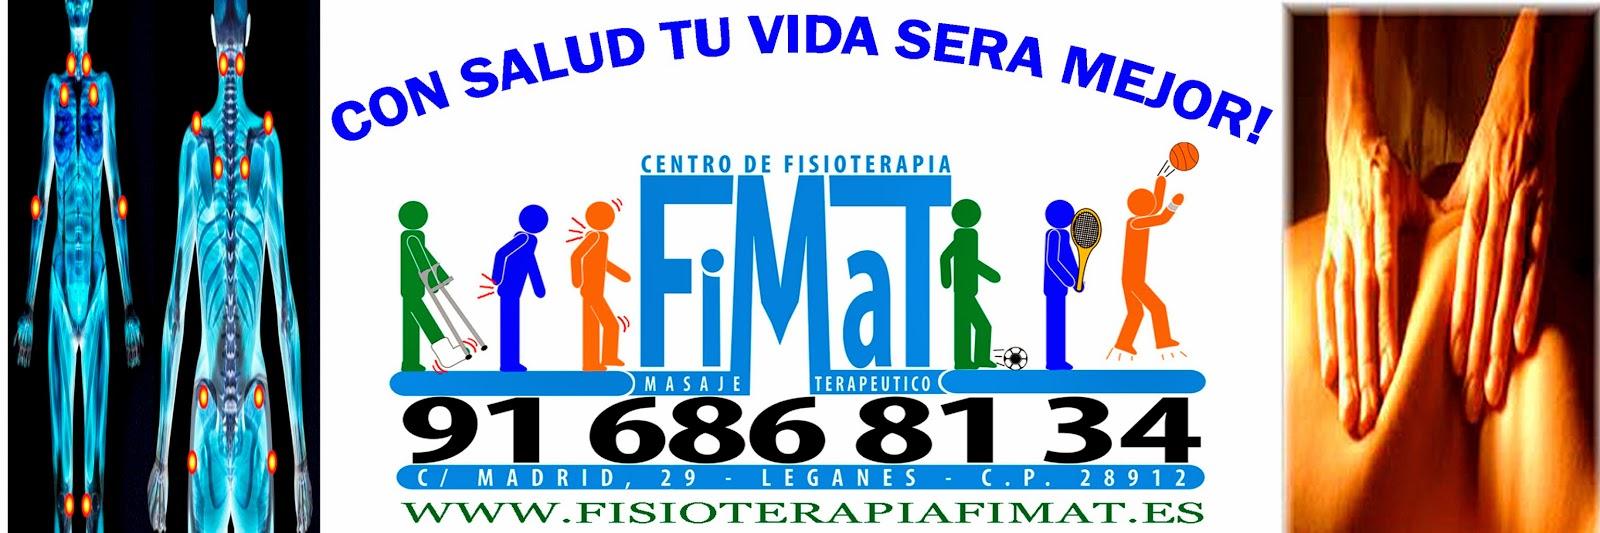 Circuito Quemagrasas : Fisioterapia fimat. como vivir con mas salud.: abril 2015